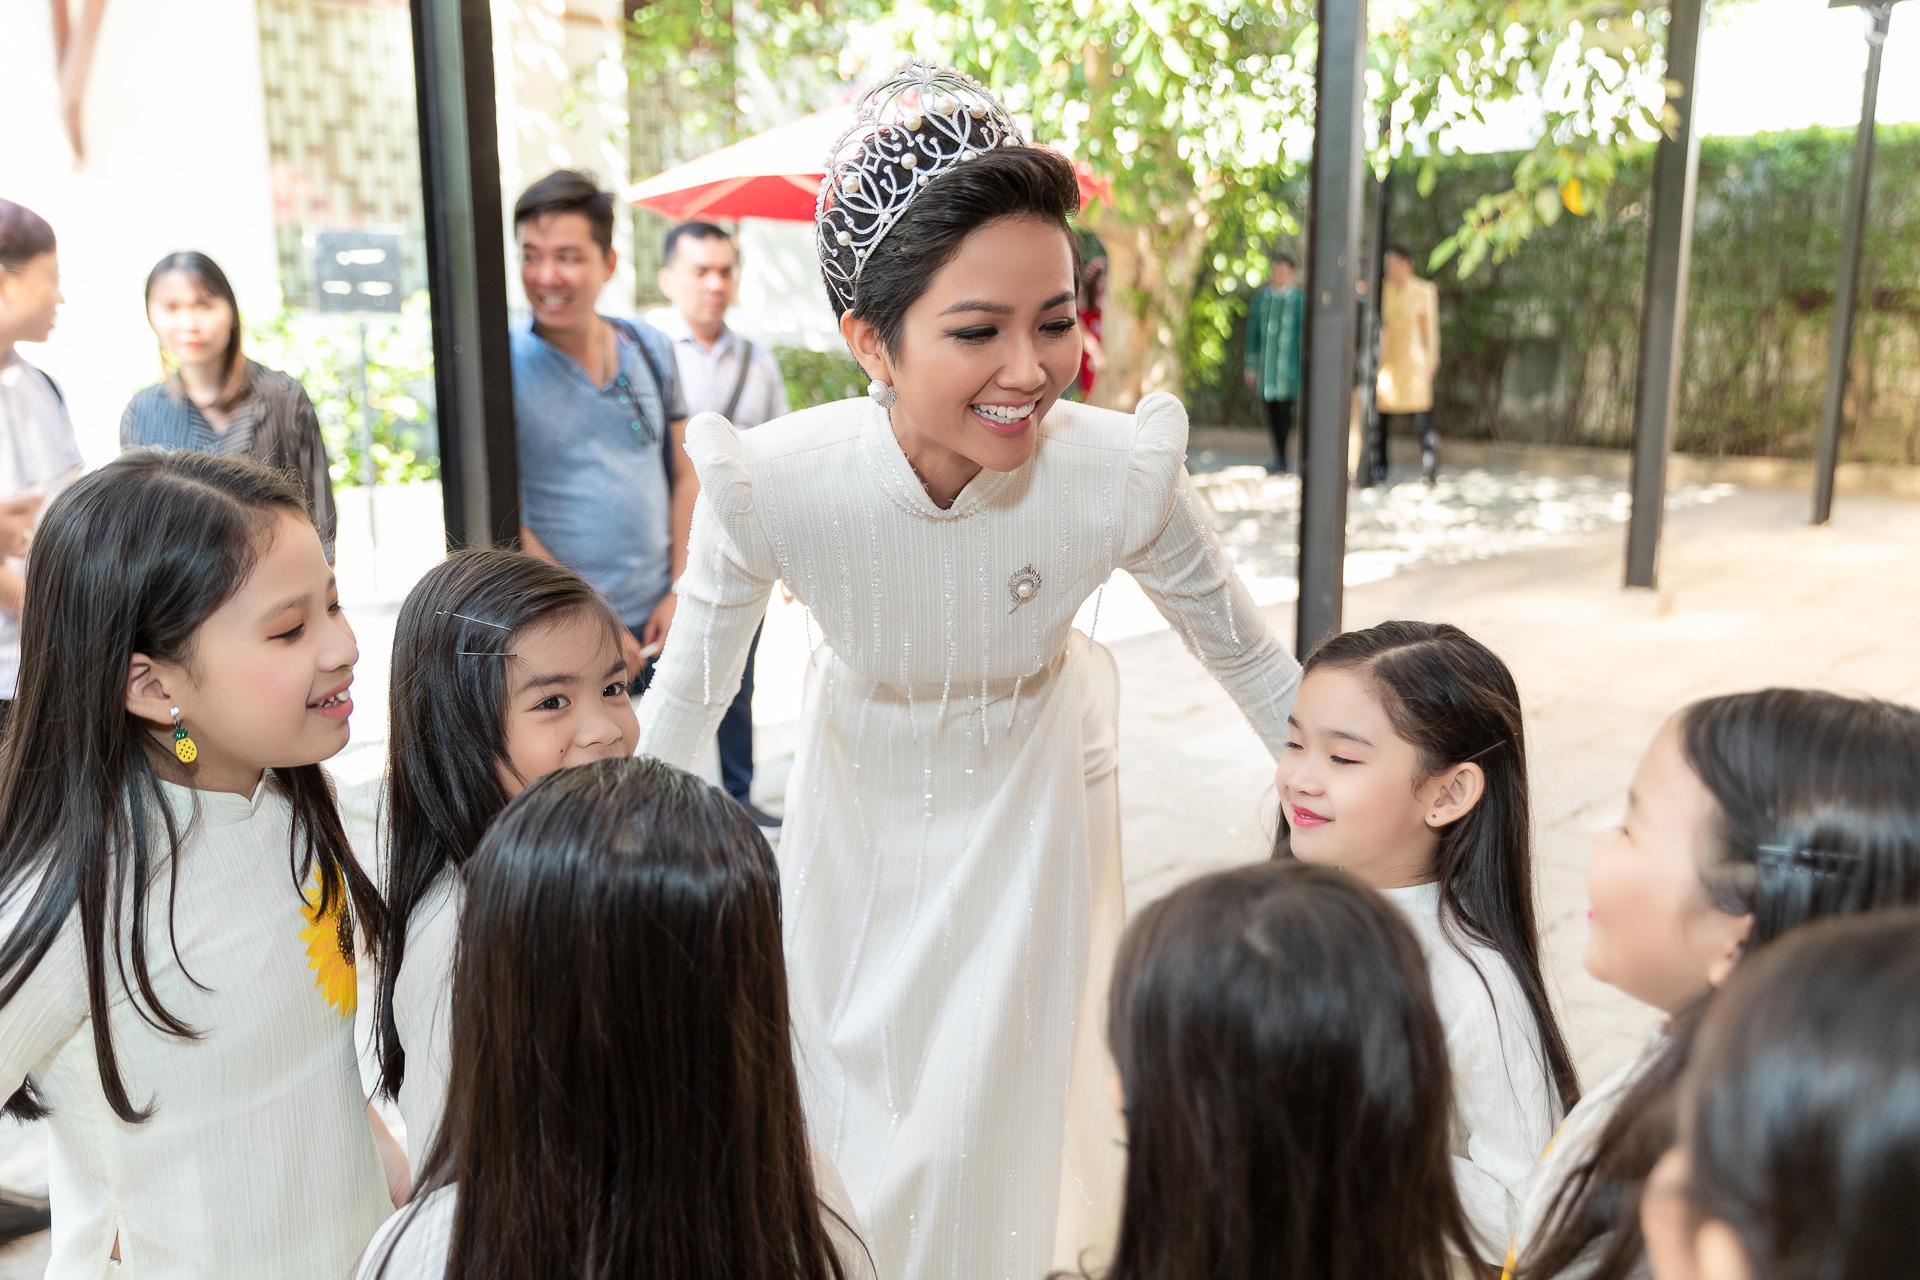 H'hen Niê diện áo dài trắng thanh lịch quảng bá quốc tế trong lễ hội áo dài TP.HCM - Ảnh 2